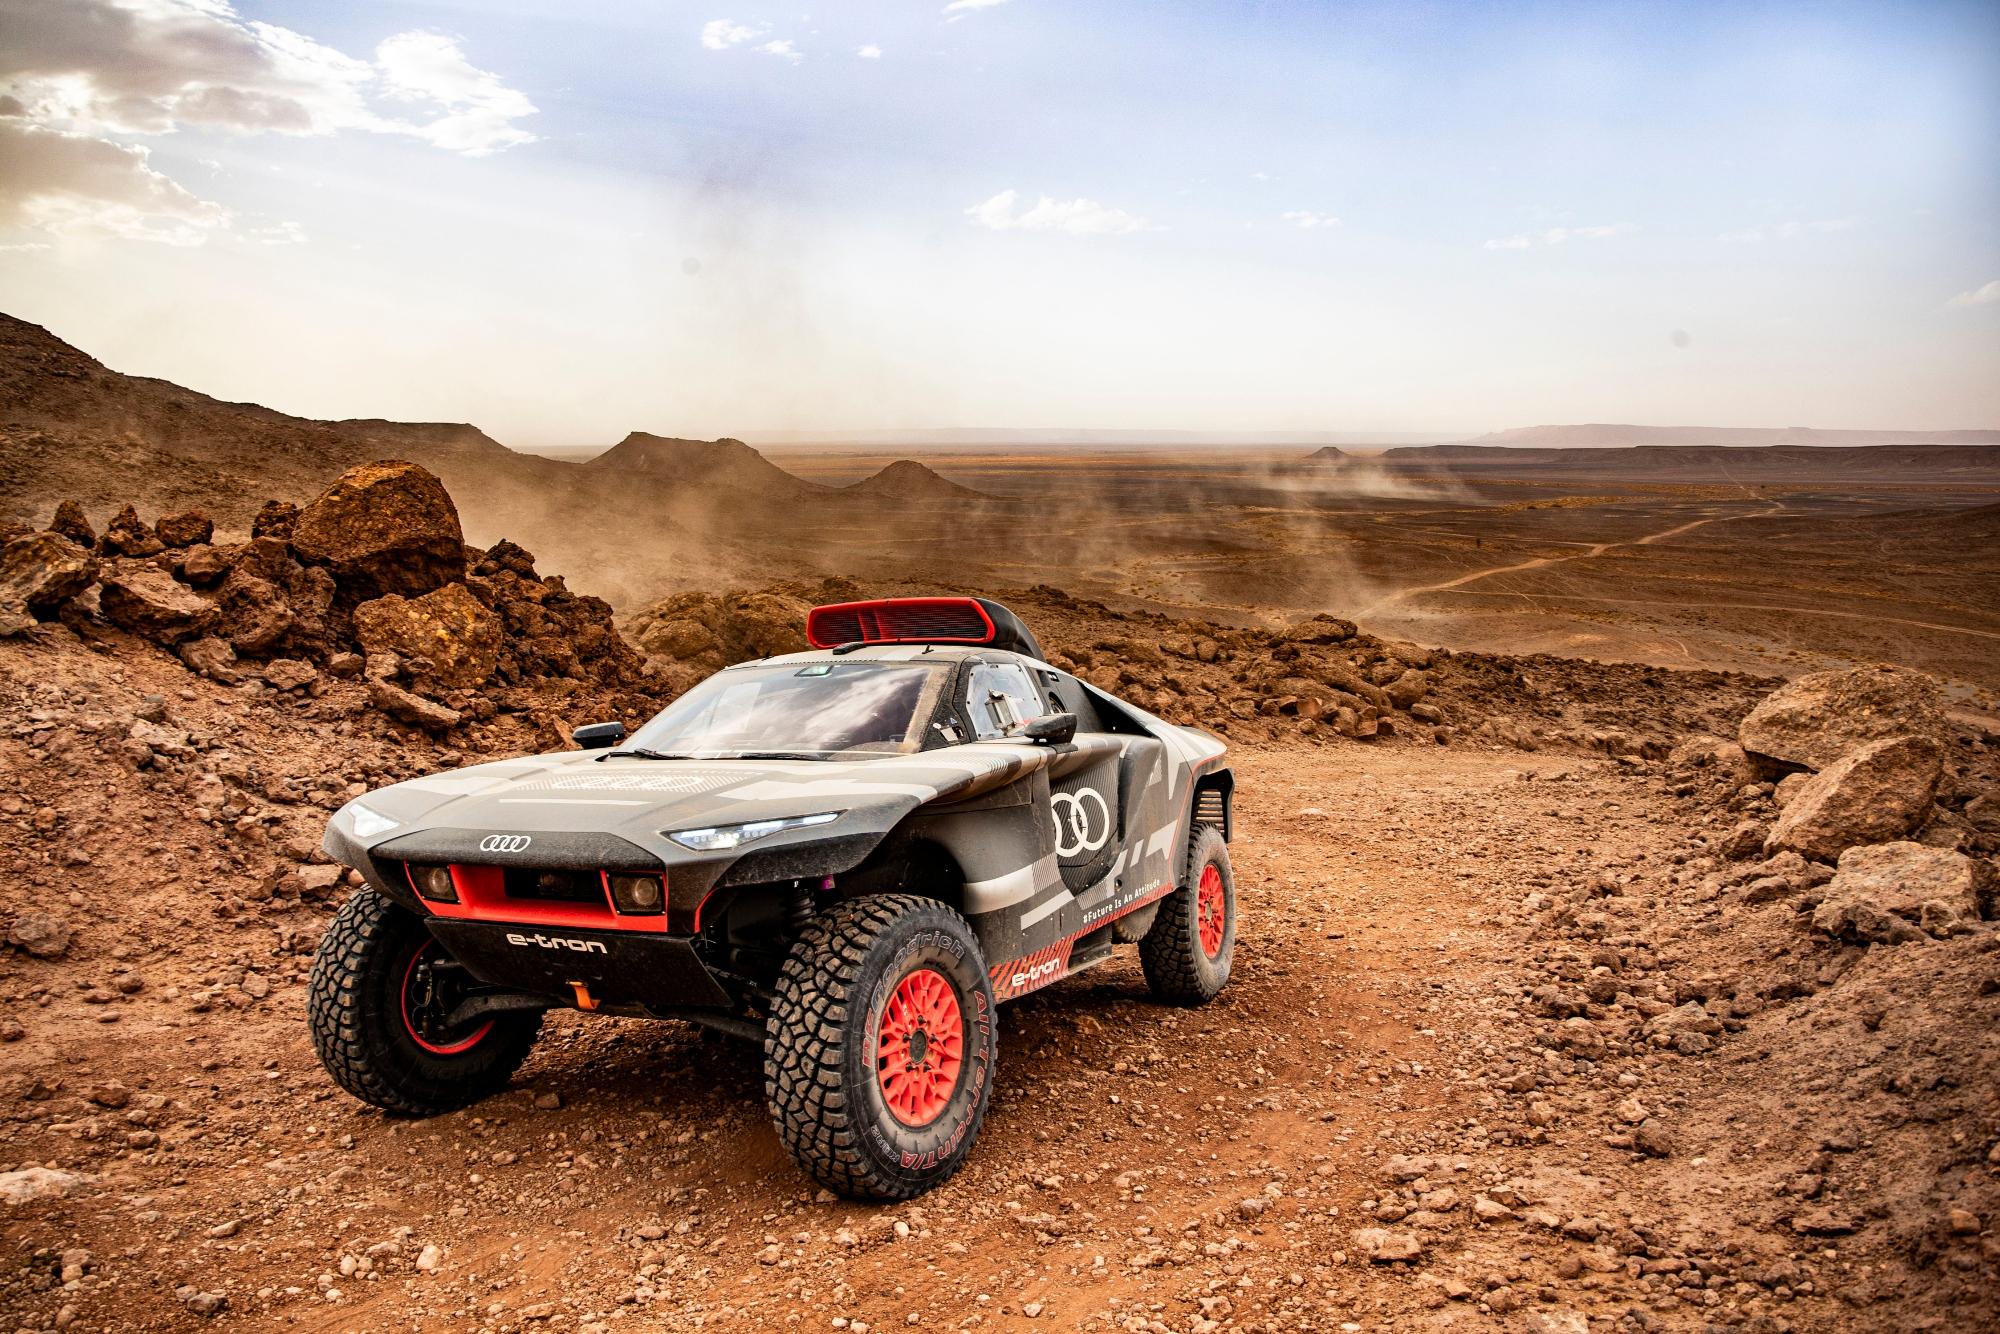 """L'Audi RS Q e-tron (2022) a """"mangé du sable"""" au Maroc"""